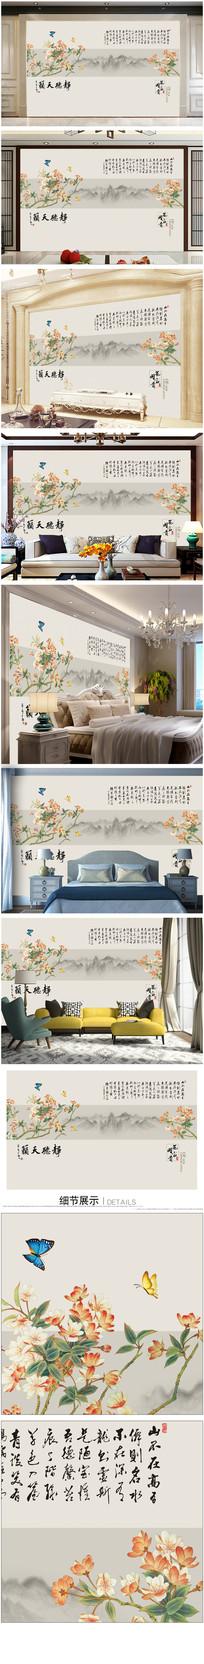 中式竹子竹叶山水风景背景墙